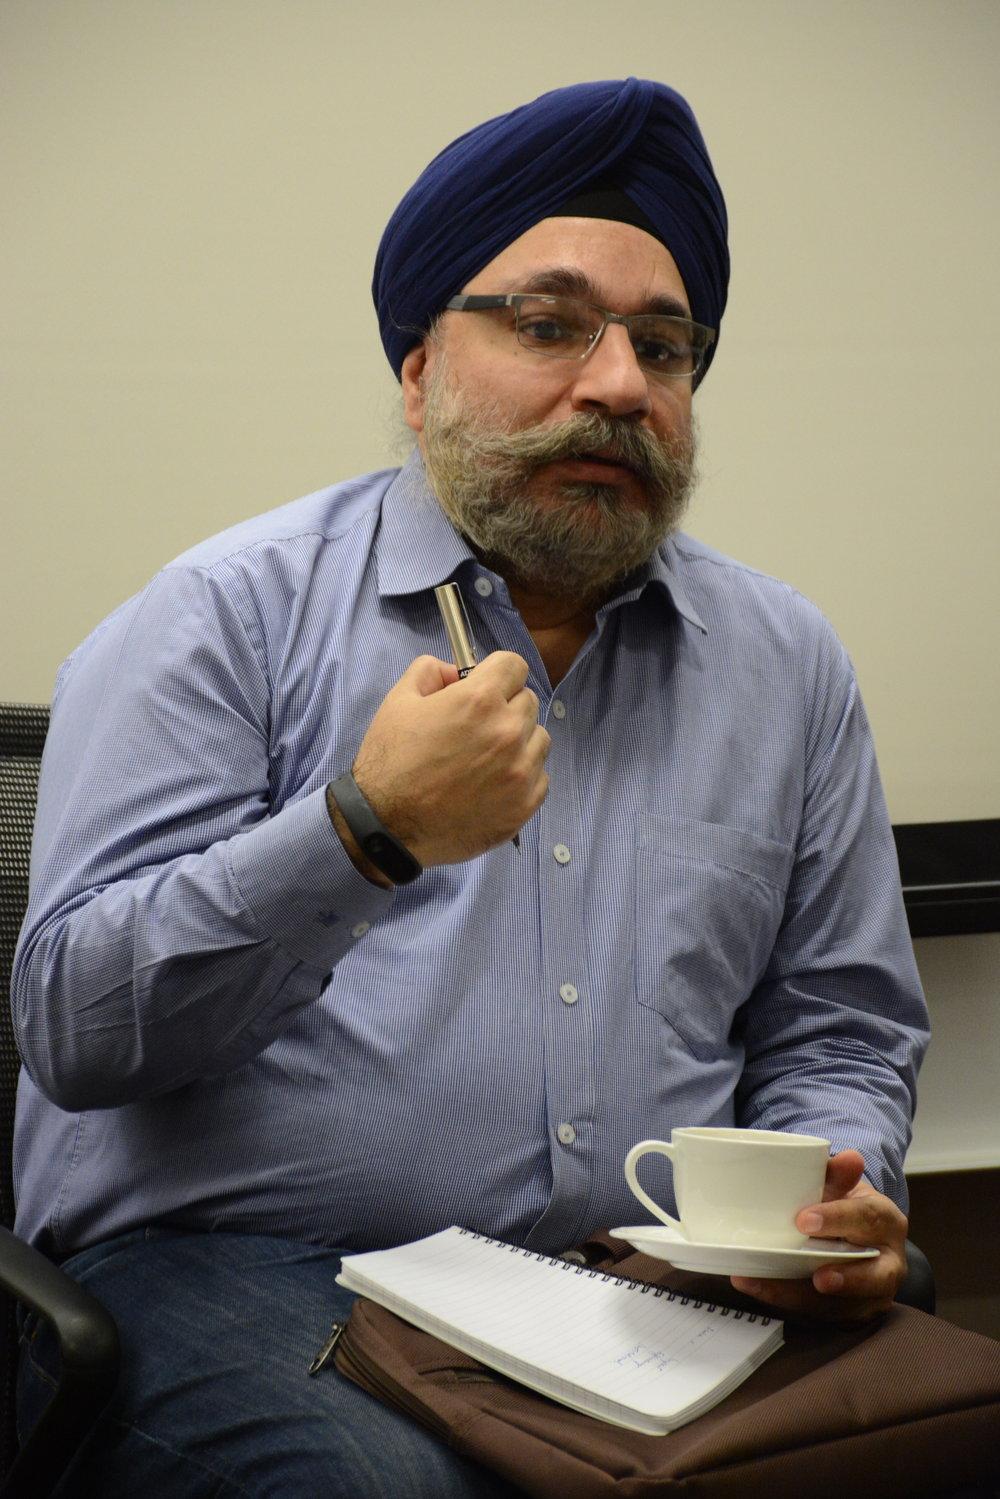 Subinder Khurana, Entrepreneur/Investor